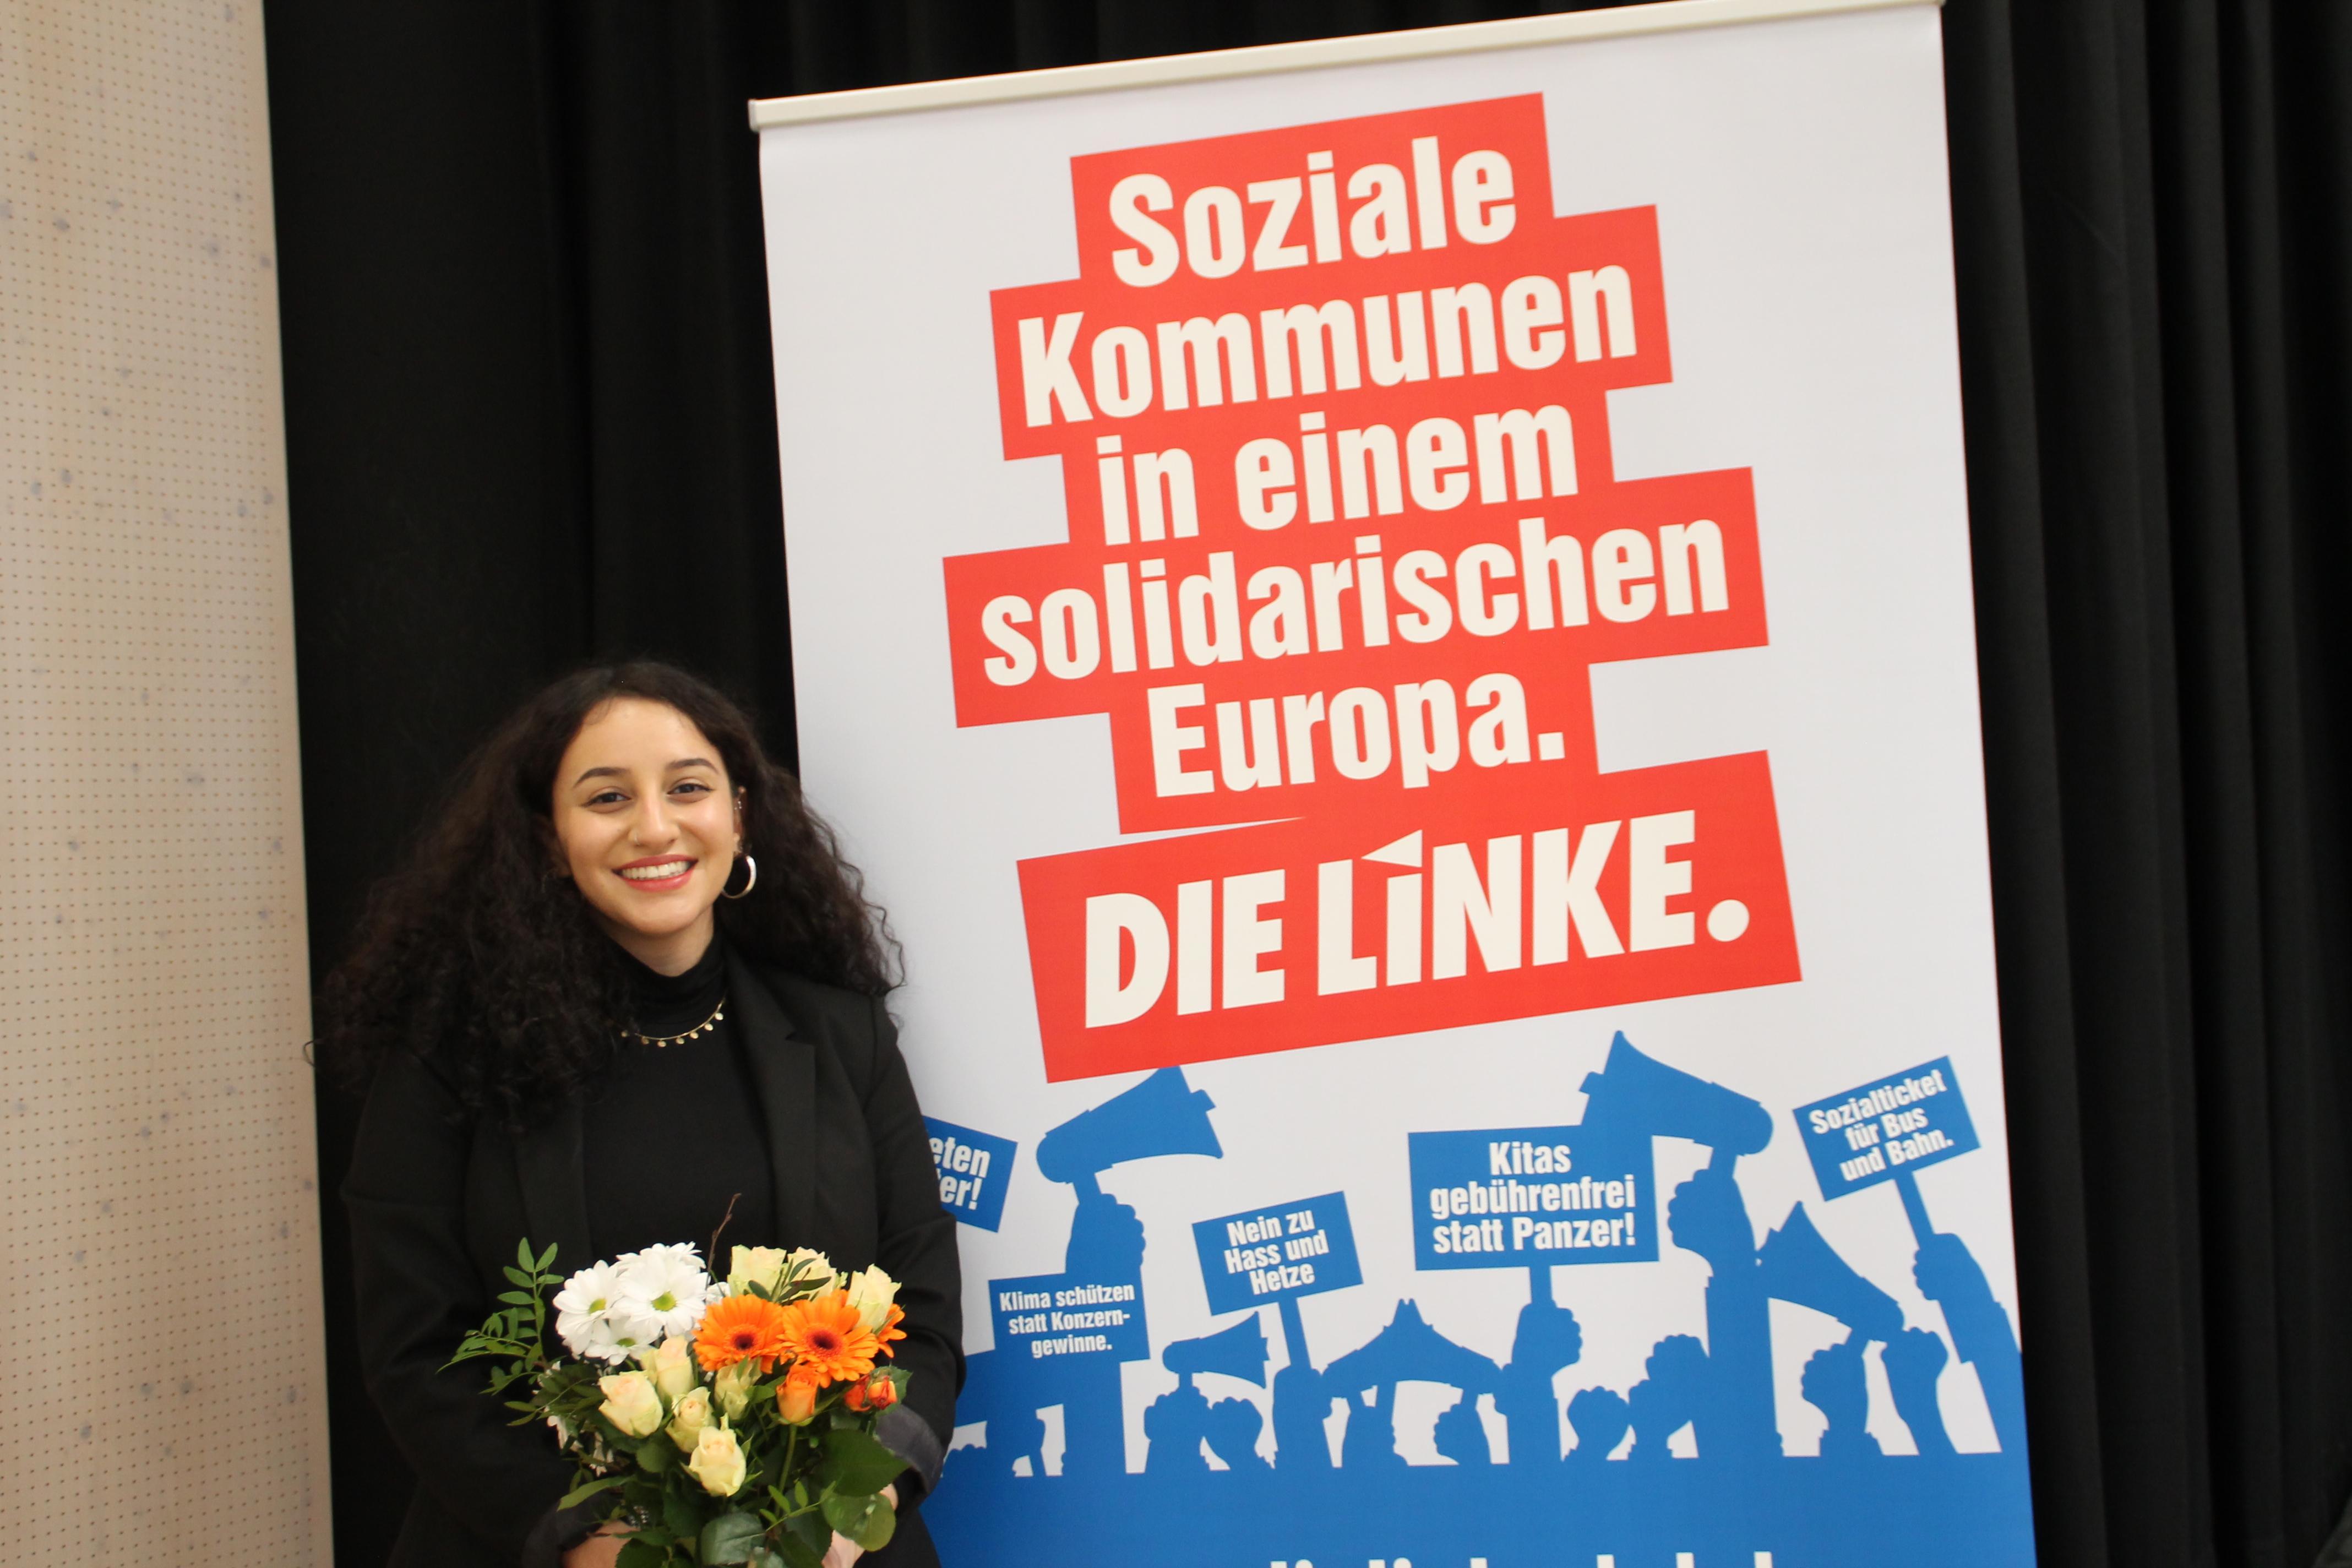 Zara Dilan Kiziltas bei der Aufstellungsversammlung lächelnd mit einem Blumenstrauß in der Hand